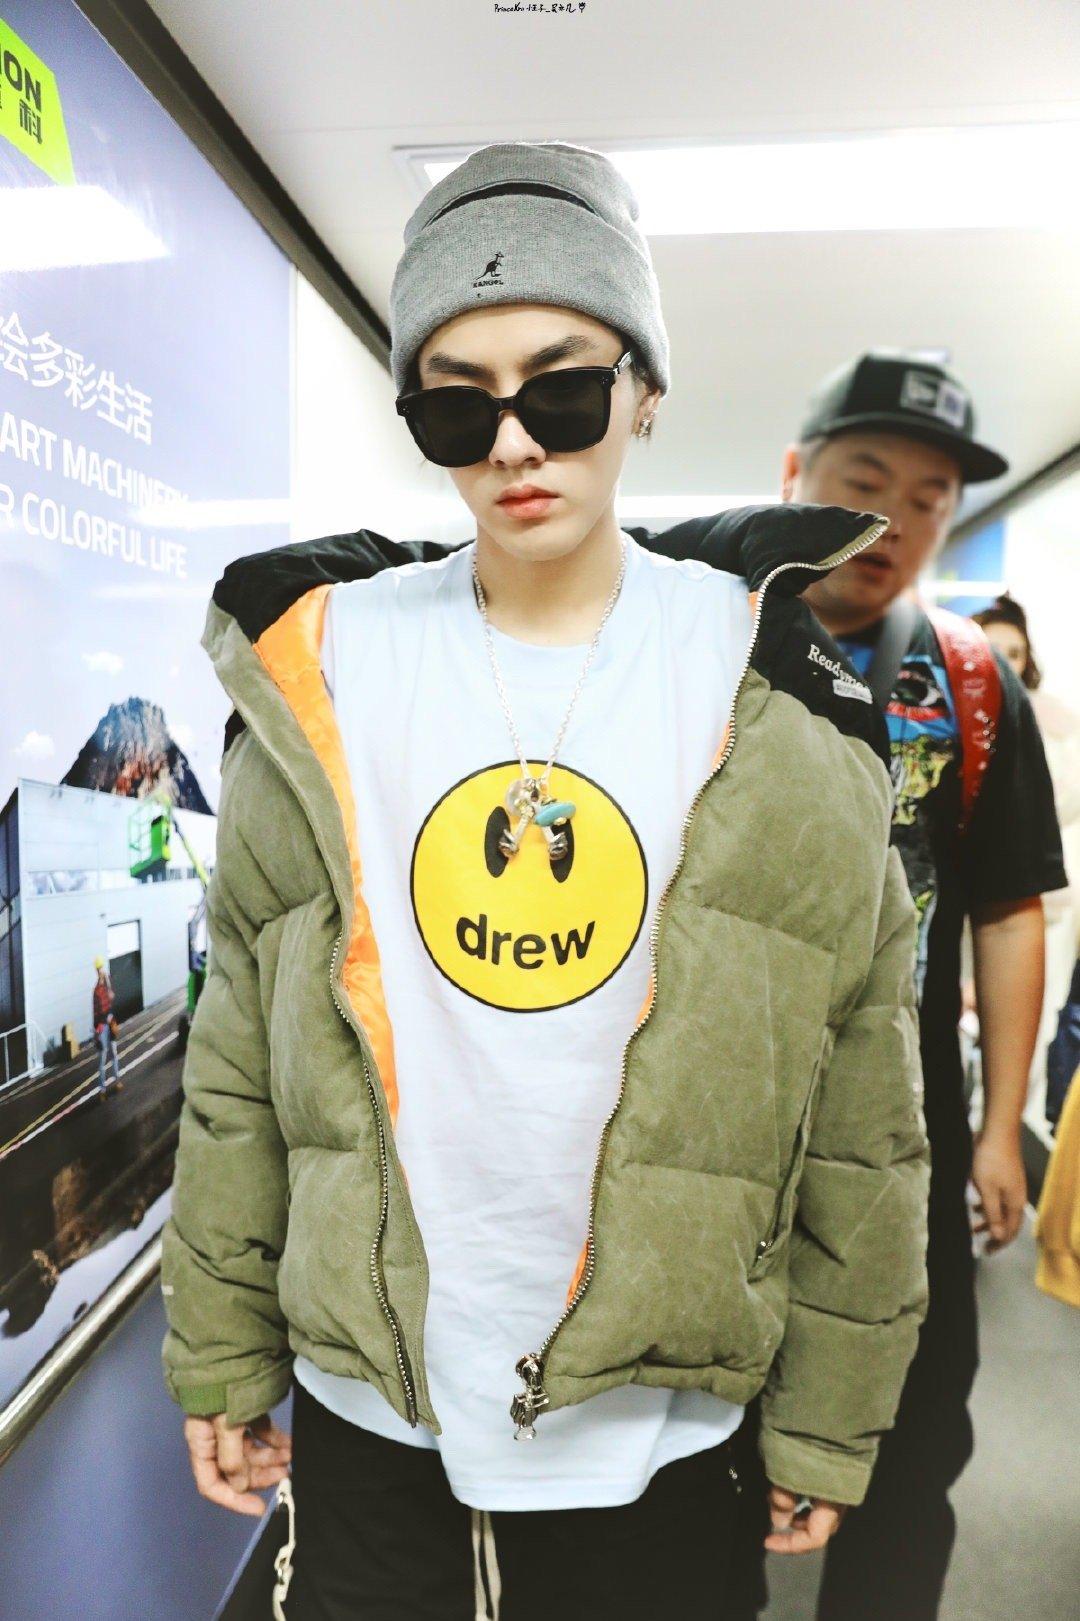 吴亦凡长沙飞北京,针织帽加厚实的外套凡凡穿的好保暖,起落平安呀